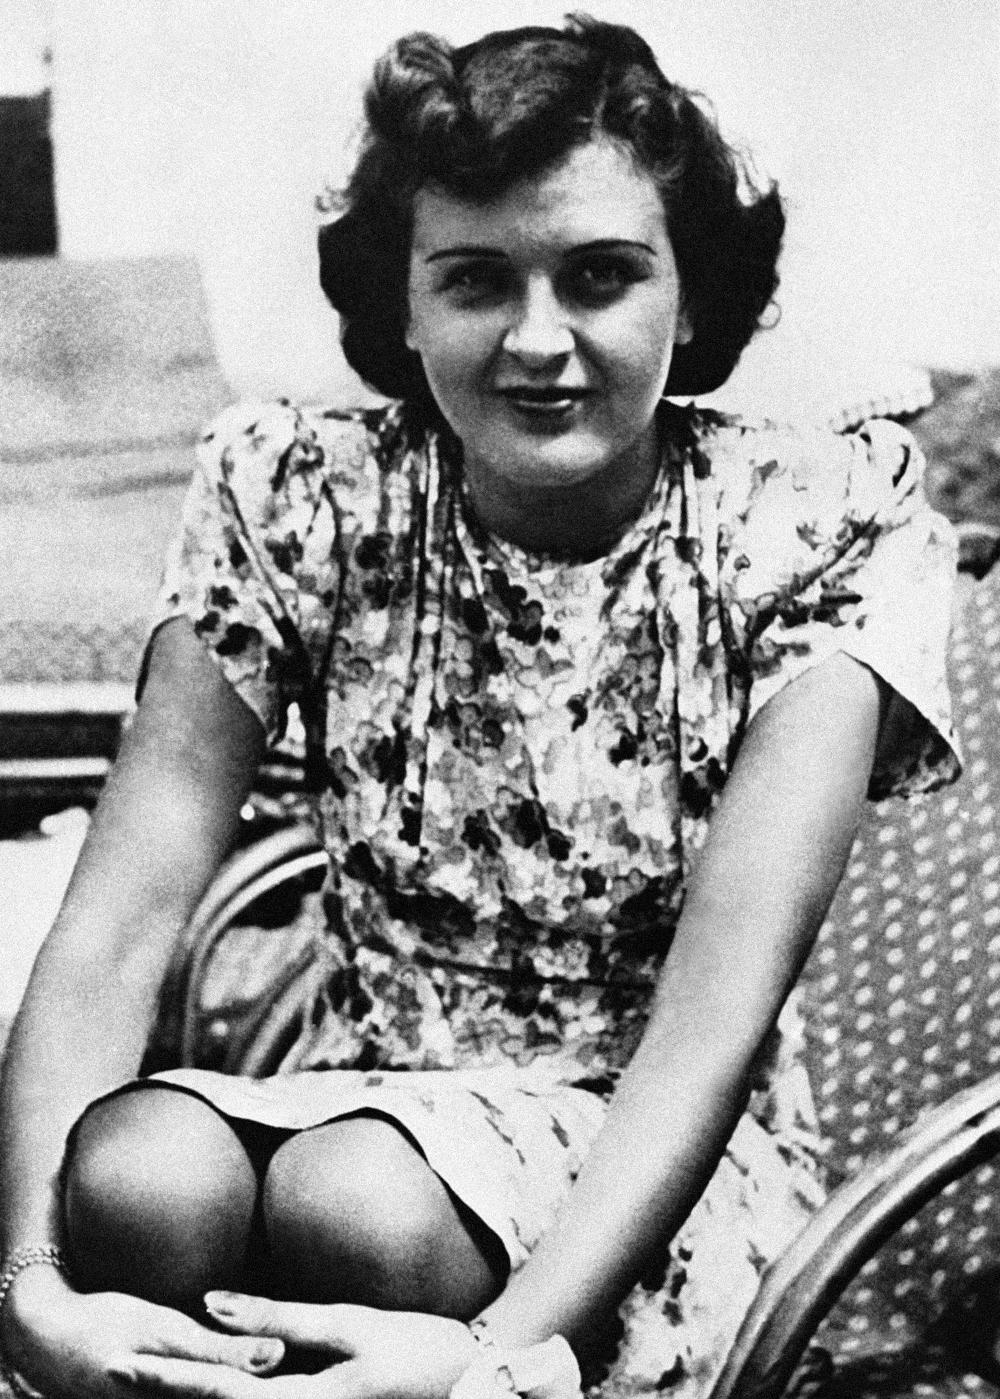 Η Εύα Μπράουν με φλοράλ φόρεμα